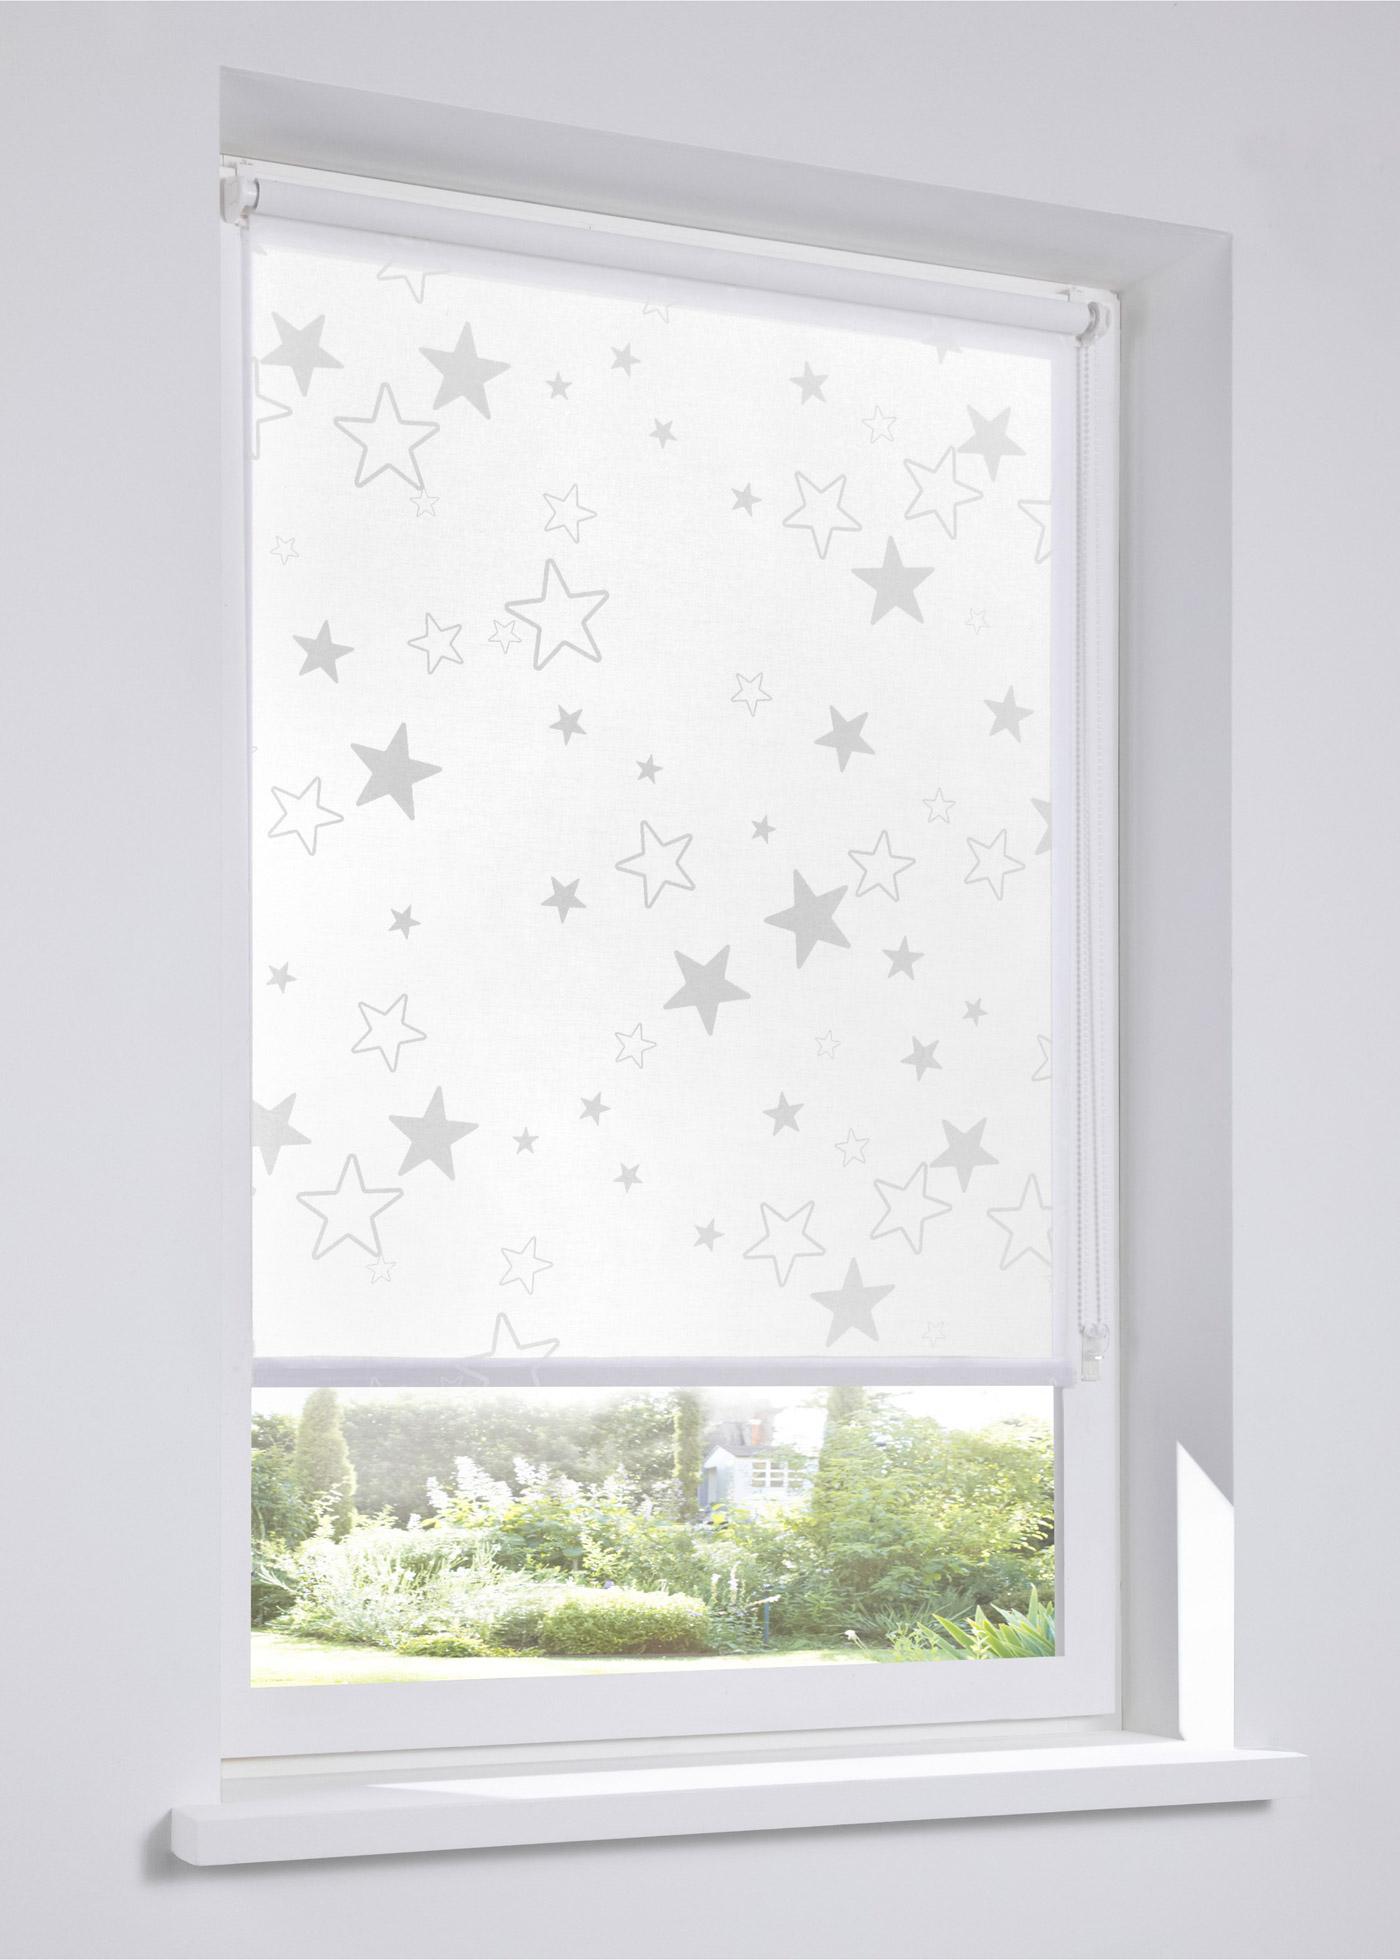 Sichtschutzrollo mit Sternen in weiß von bonprix